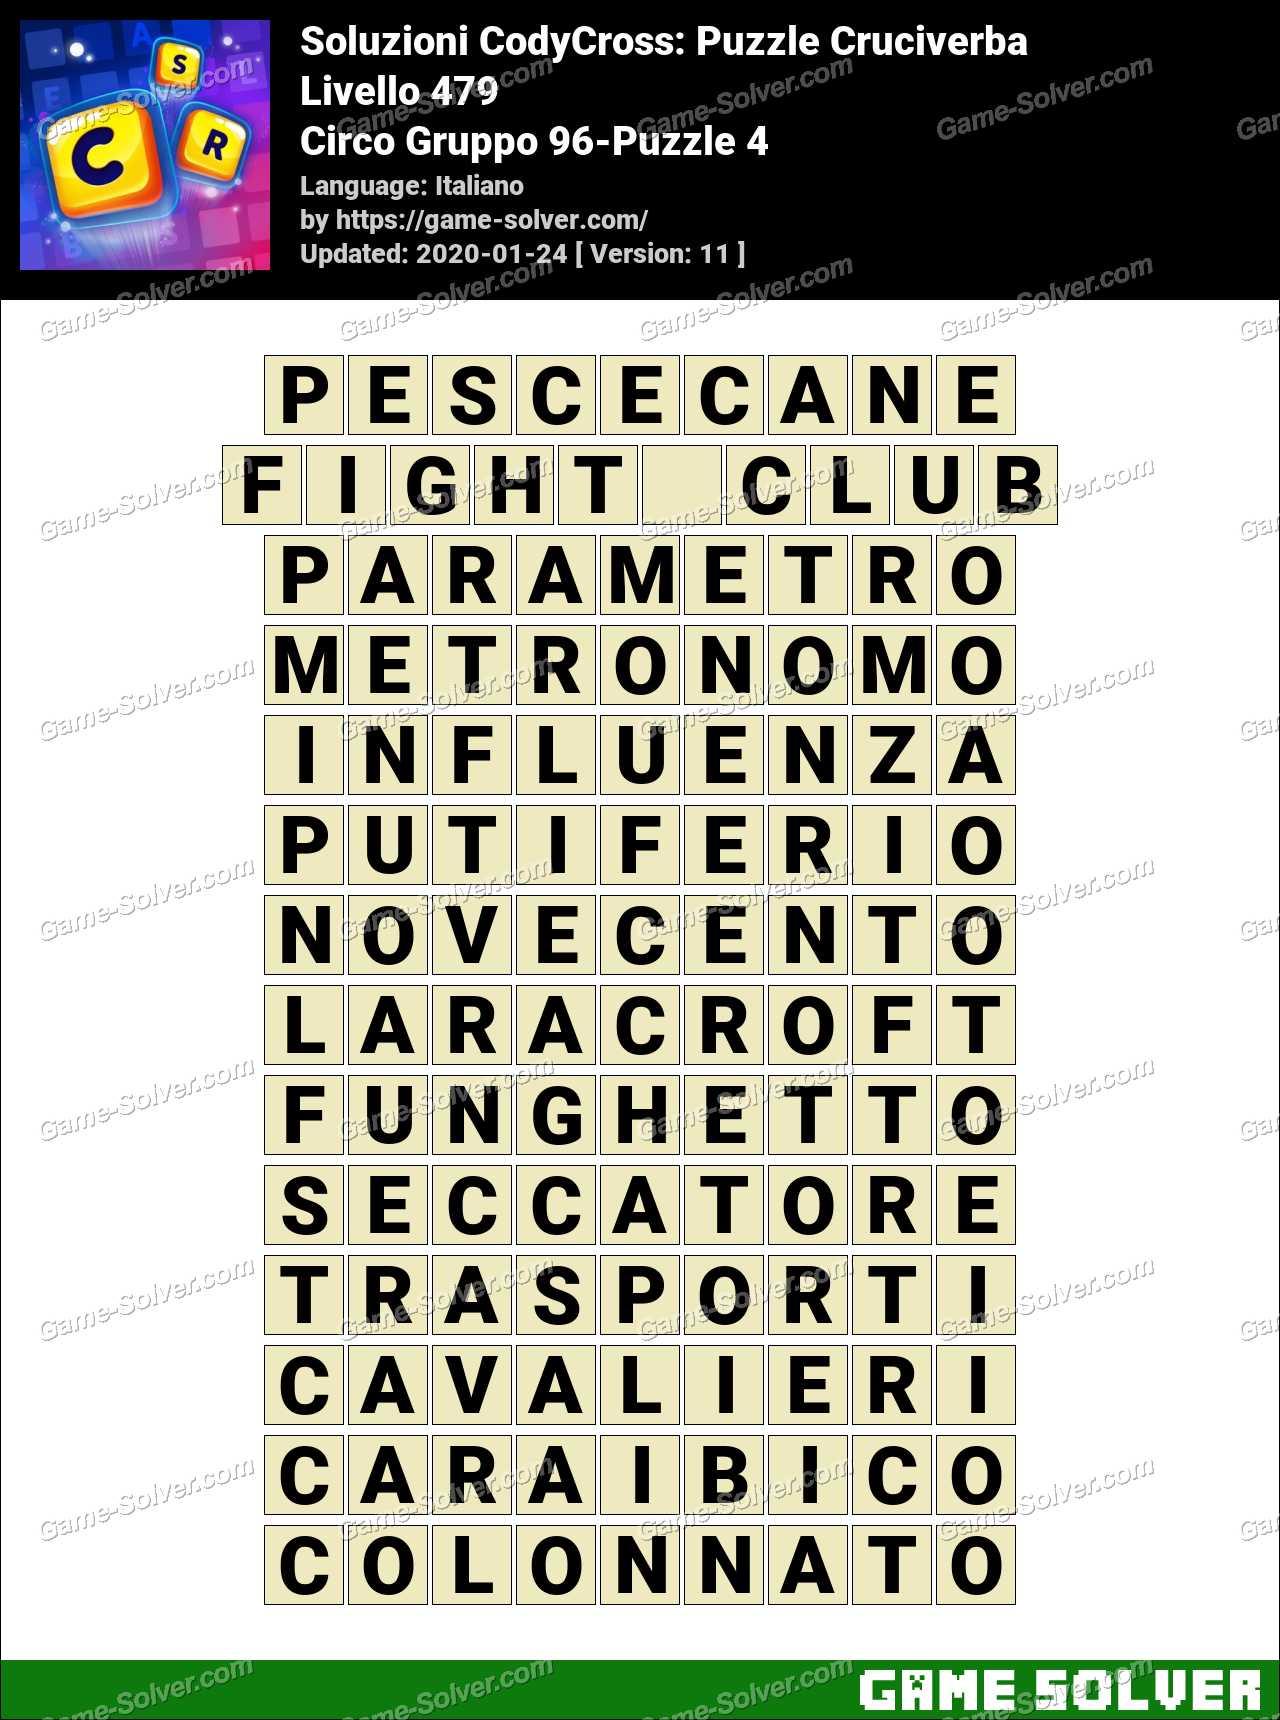 Soluzioni CodyCross Circo Gruppo 96-Puzzle 4